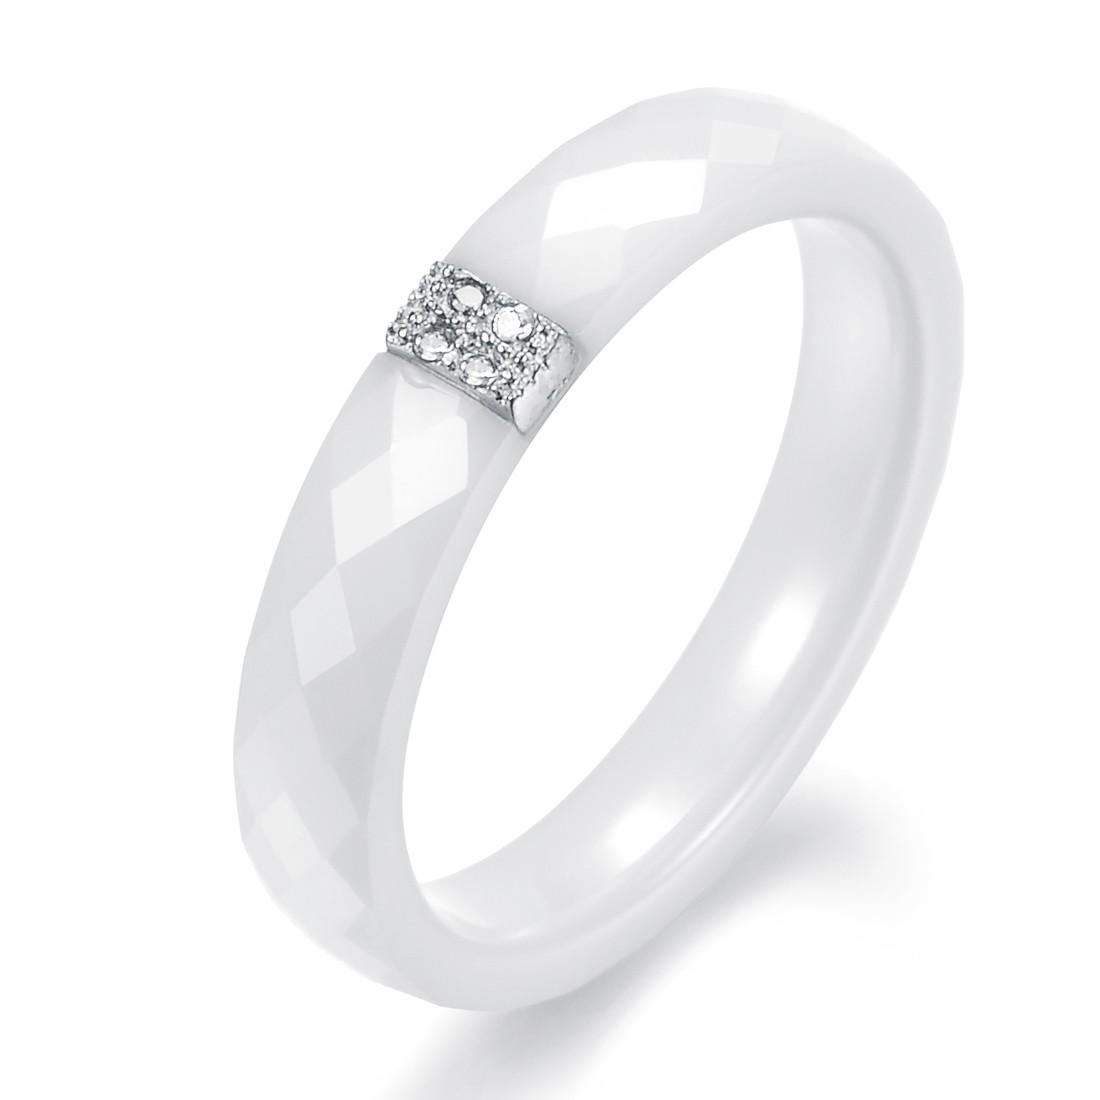 韩国时尚饰品批发结婚季 厂价直销 新款 纯银镀铂金 白色陶瓷戒指N238